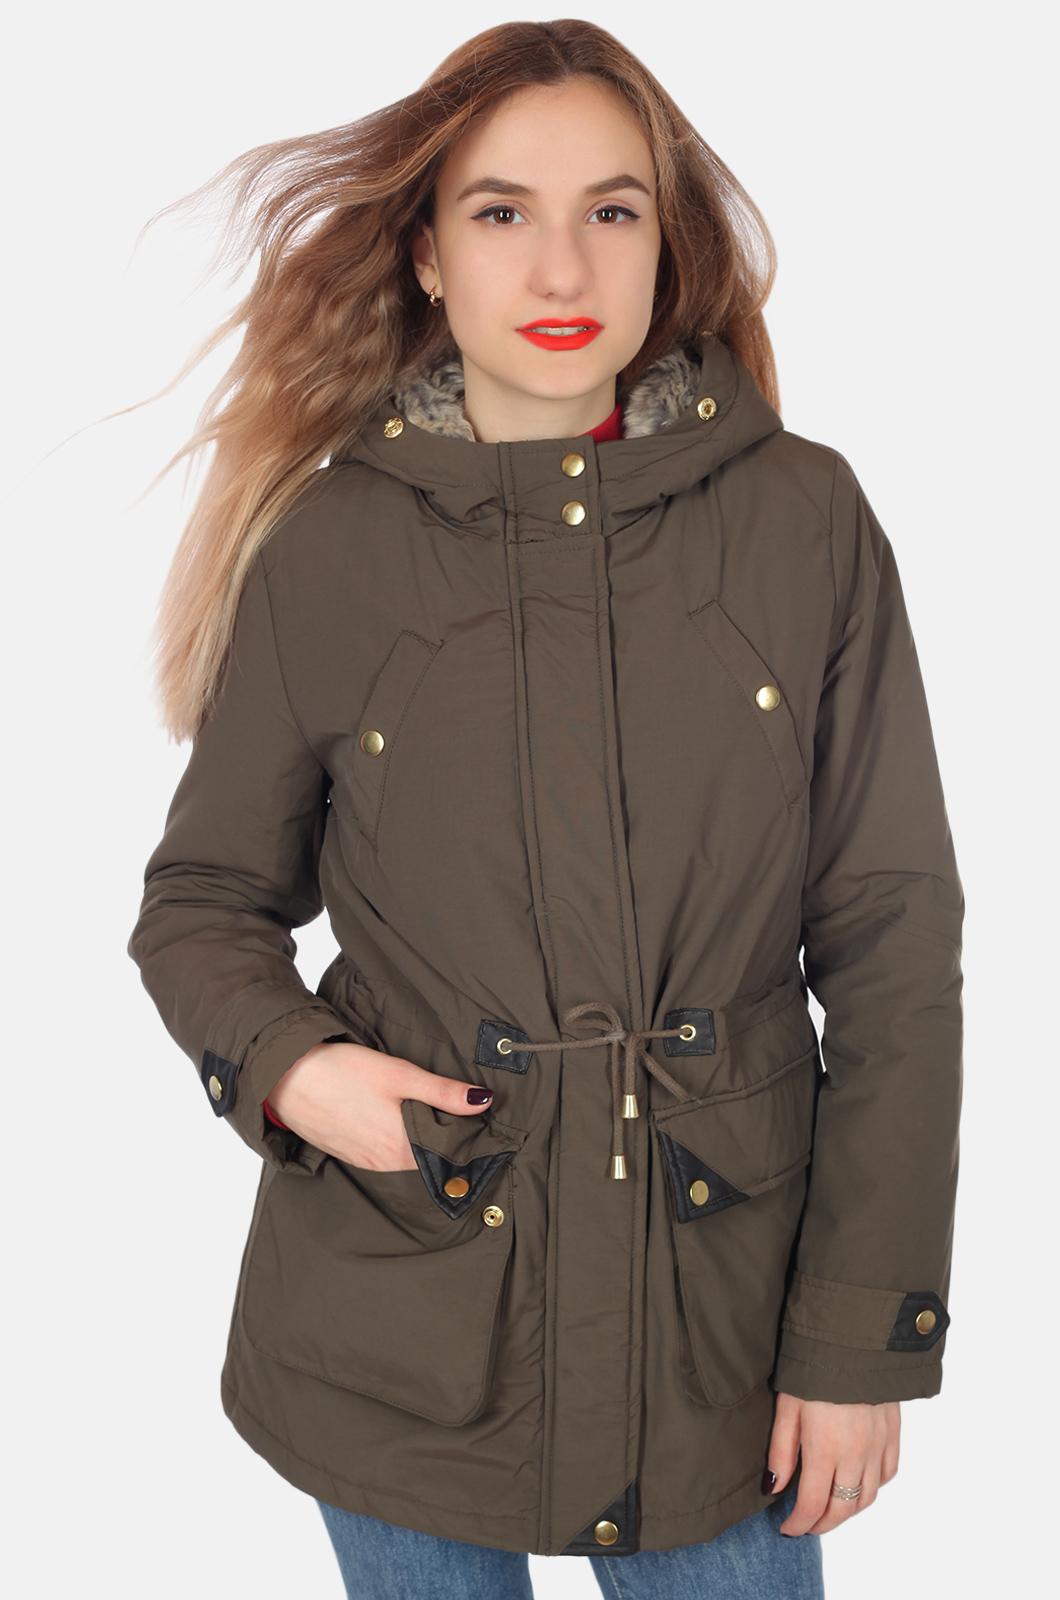 Дешевая, но очень качественная женская одежда: от футболок до курток